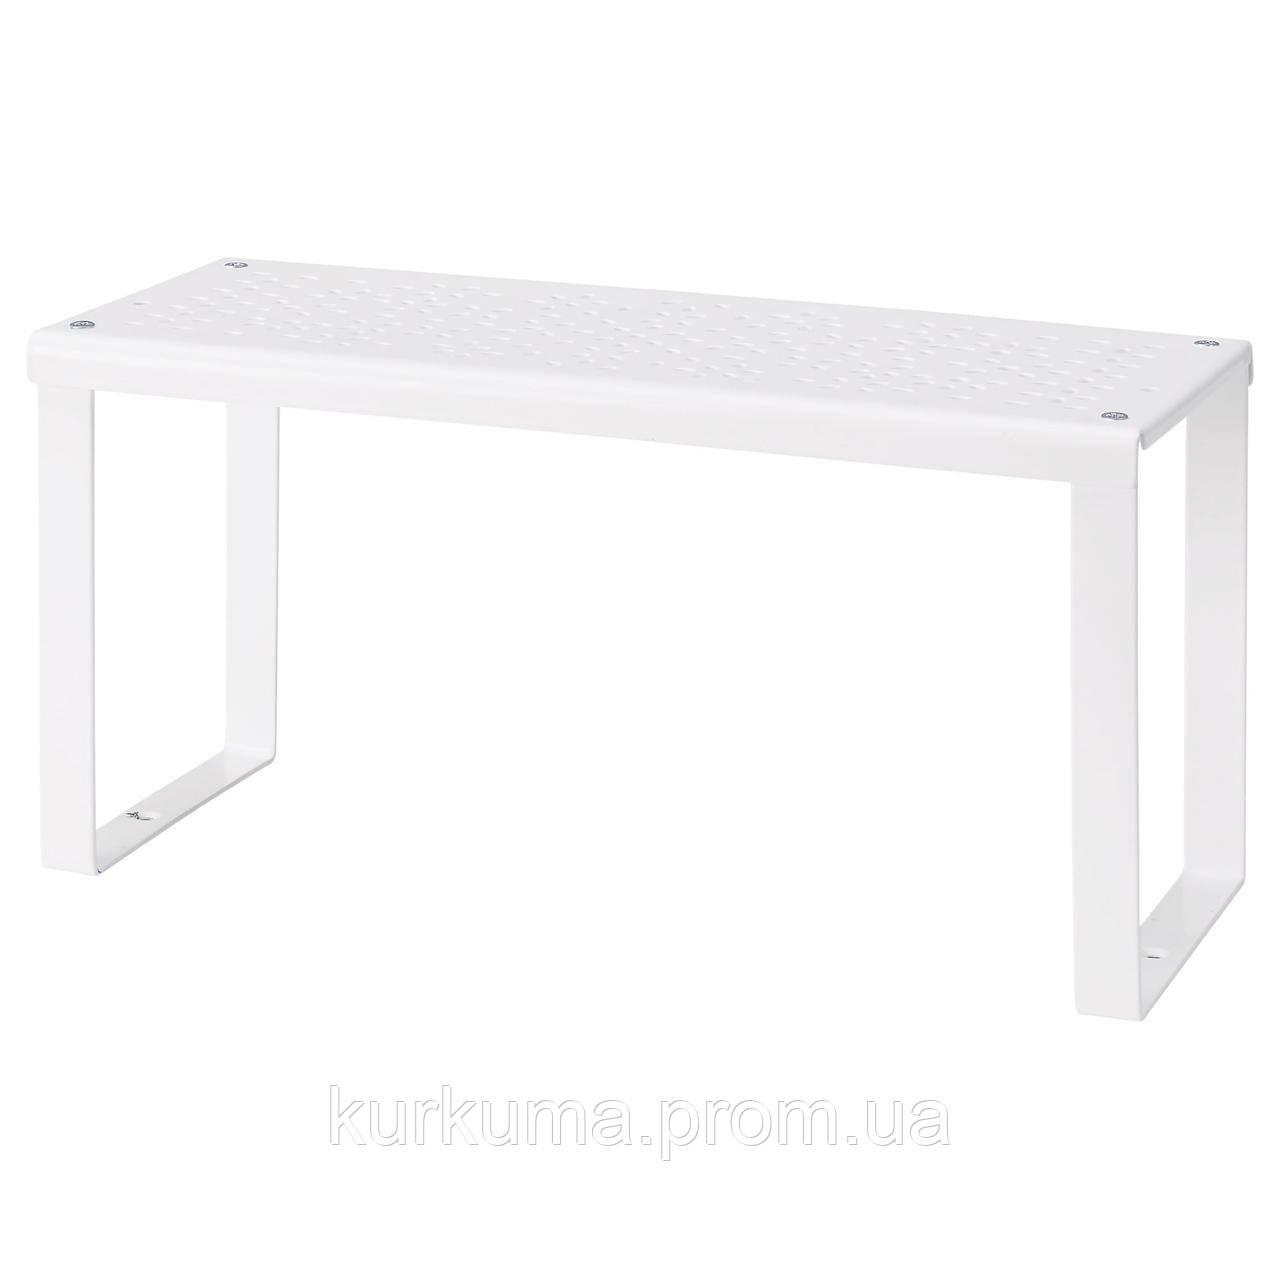 IKEA VARIERA Полка, белый  (801.366.22)